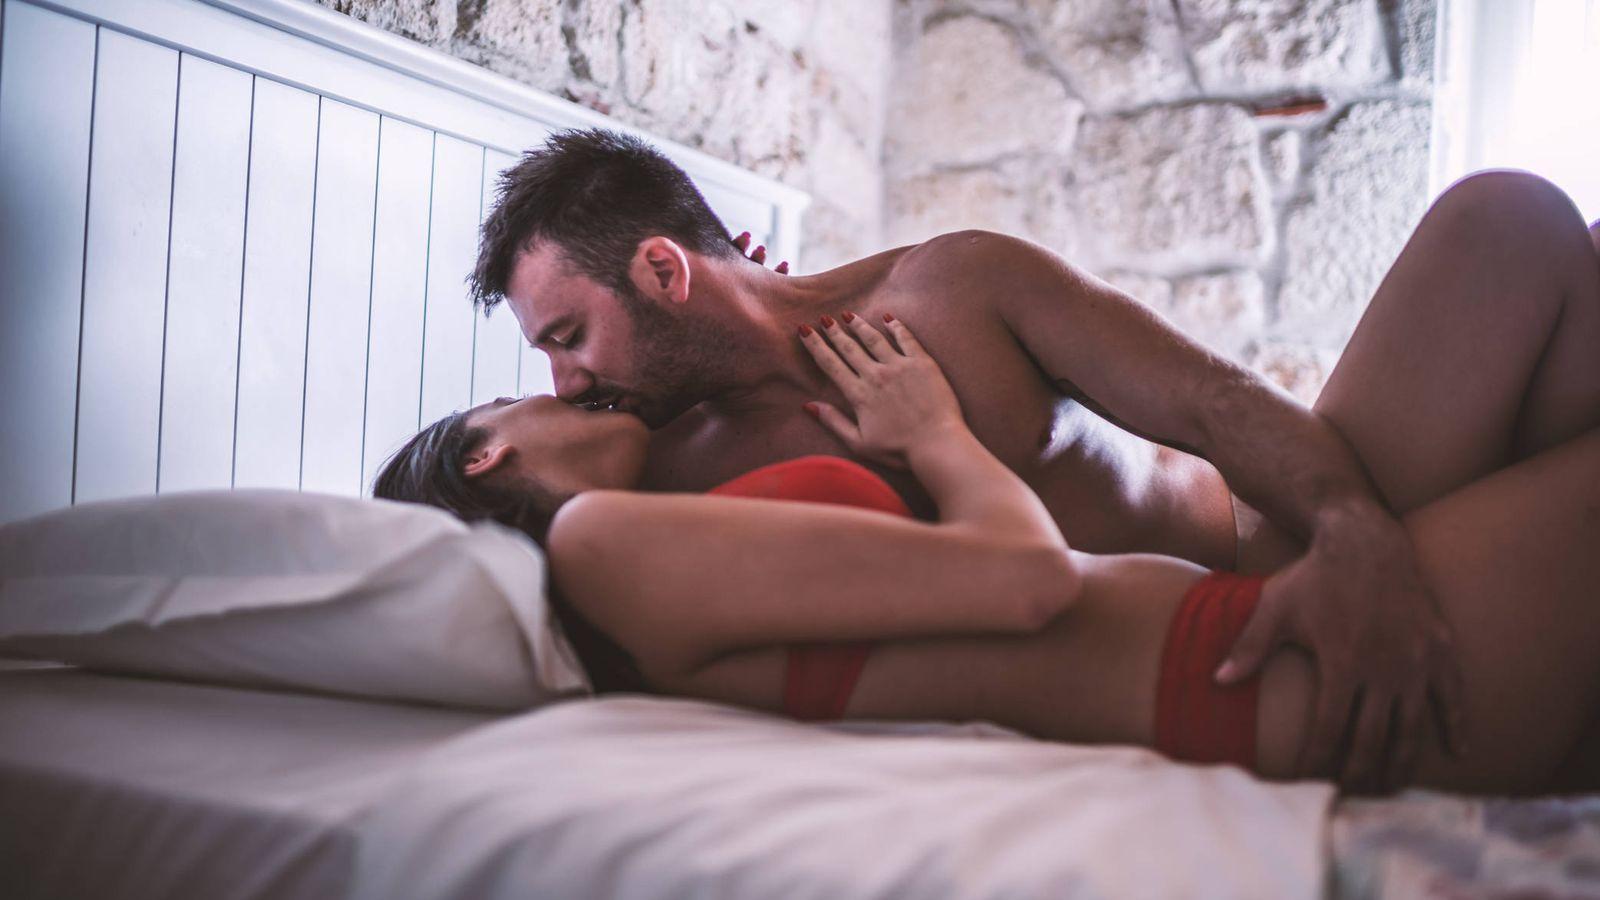 A Mi Padre Le Gusta Follar Porno sexualidad: las mujeres que son buenas en la cama hacen